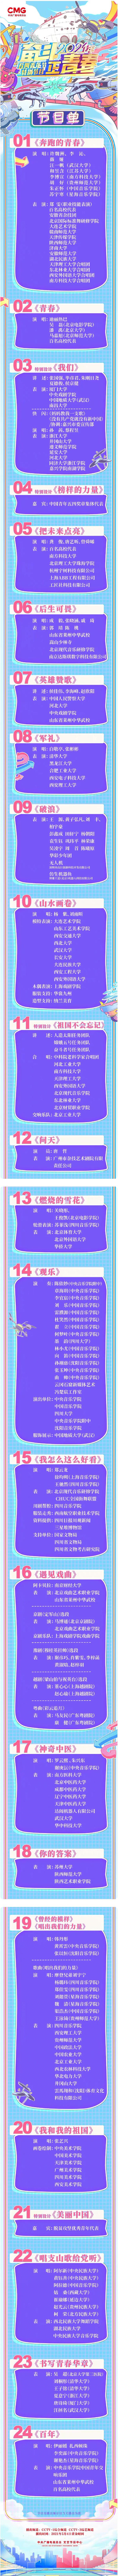 央视五四晚会节目单出炉,龚俊王俊凯关晓彤等将同台献唱!